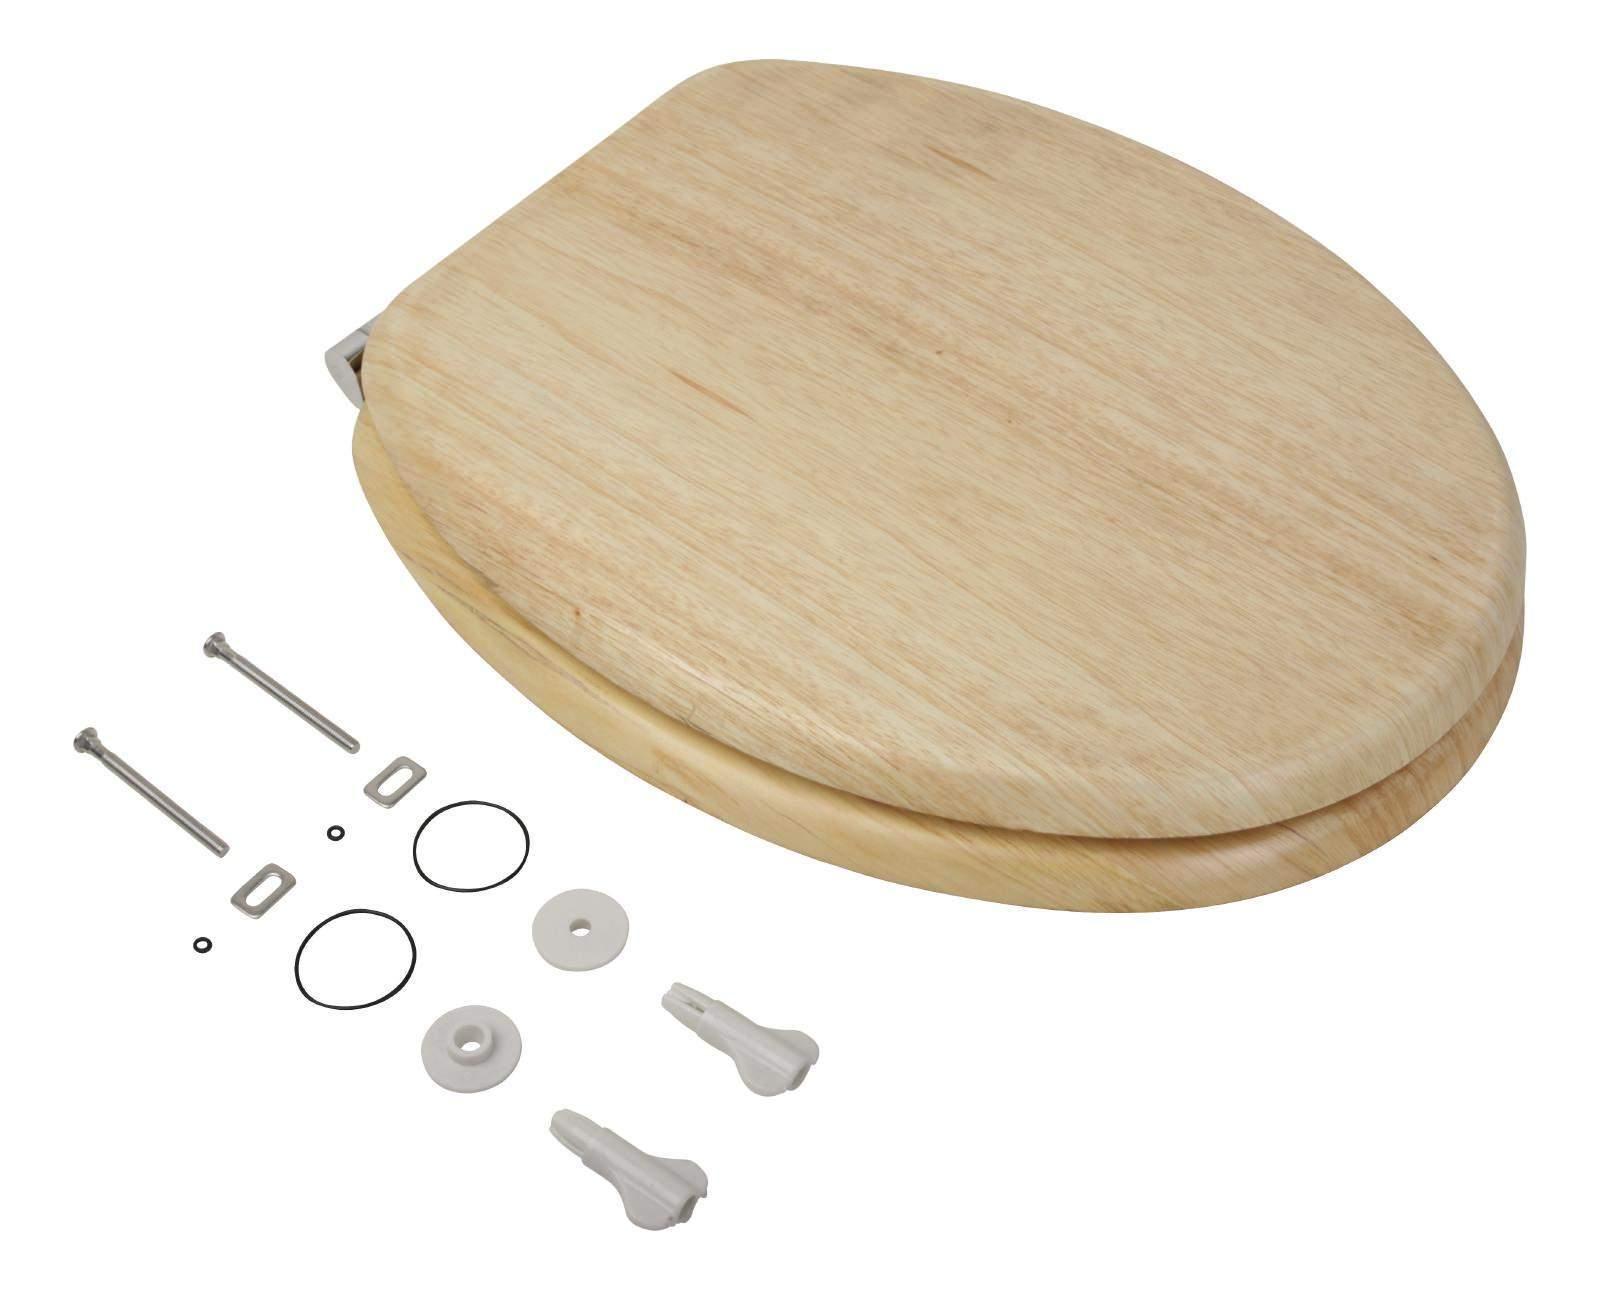 garten wc selber bauen frisch wc sitz mit absenkautomatik antimilos mit echtholz furnier in kiefer holzkern fast fix of garten wc selber bauen